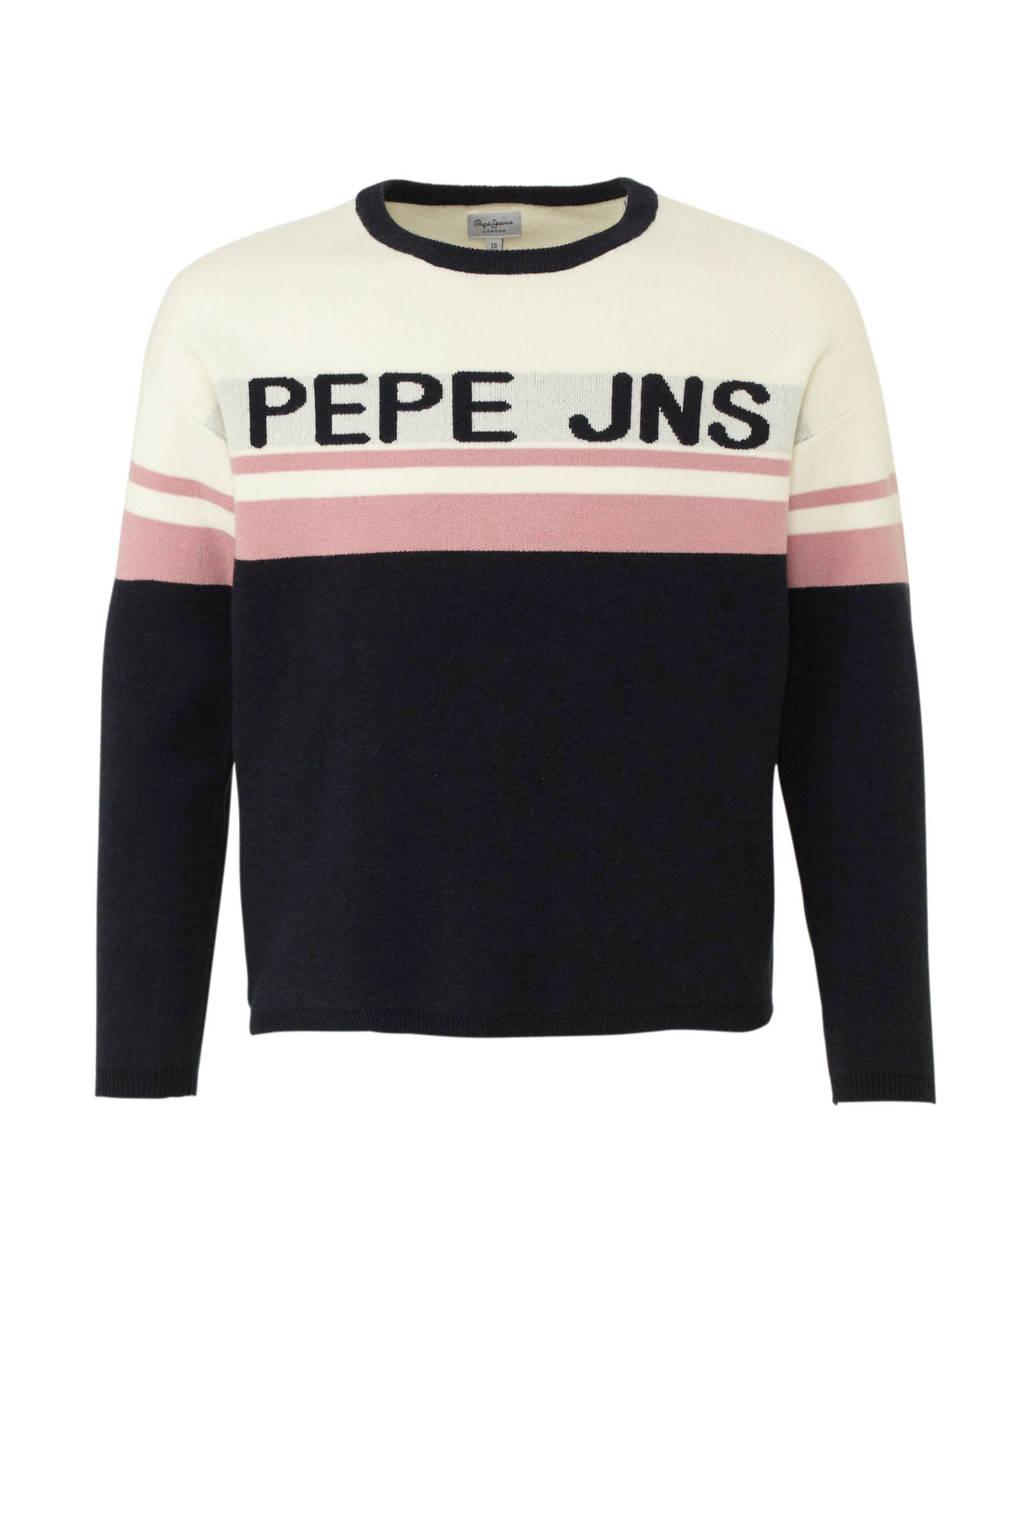 Pepe Jeans trui Britany met logo zwart/wit/roze, Zwart/wit/roze